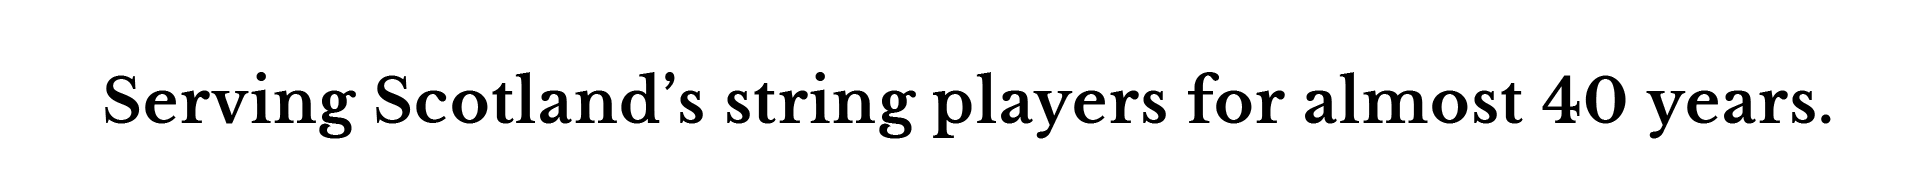 tagline-01.png